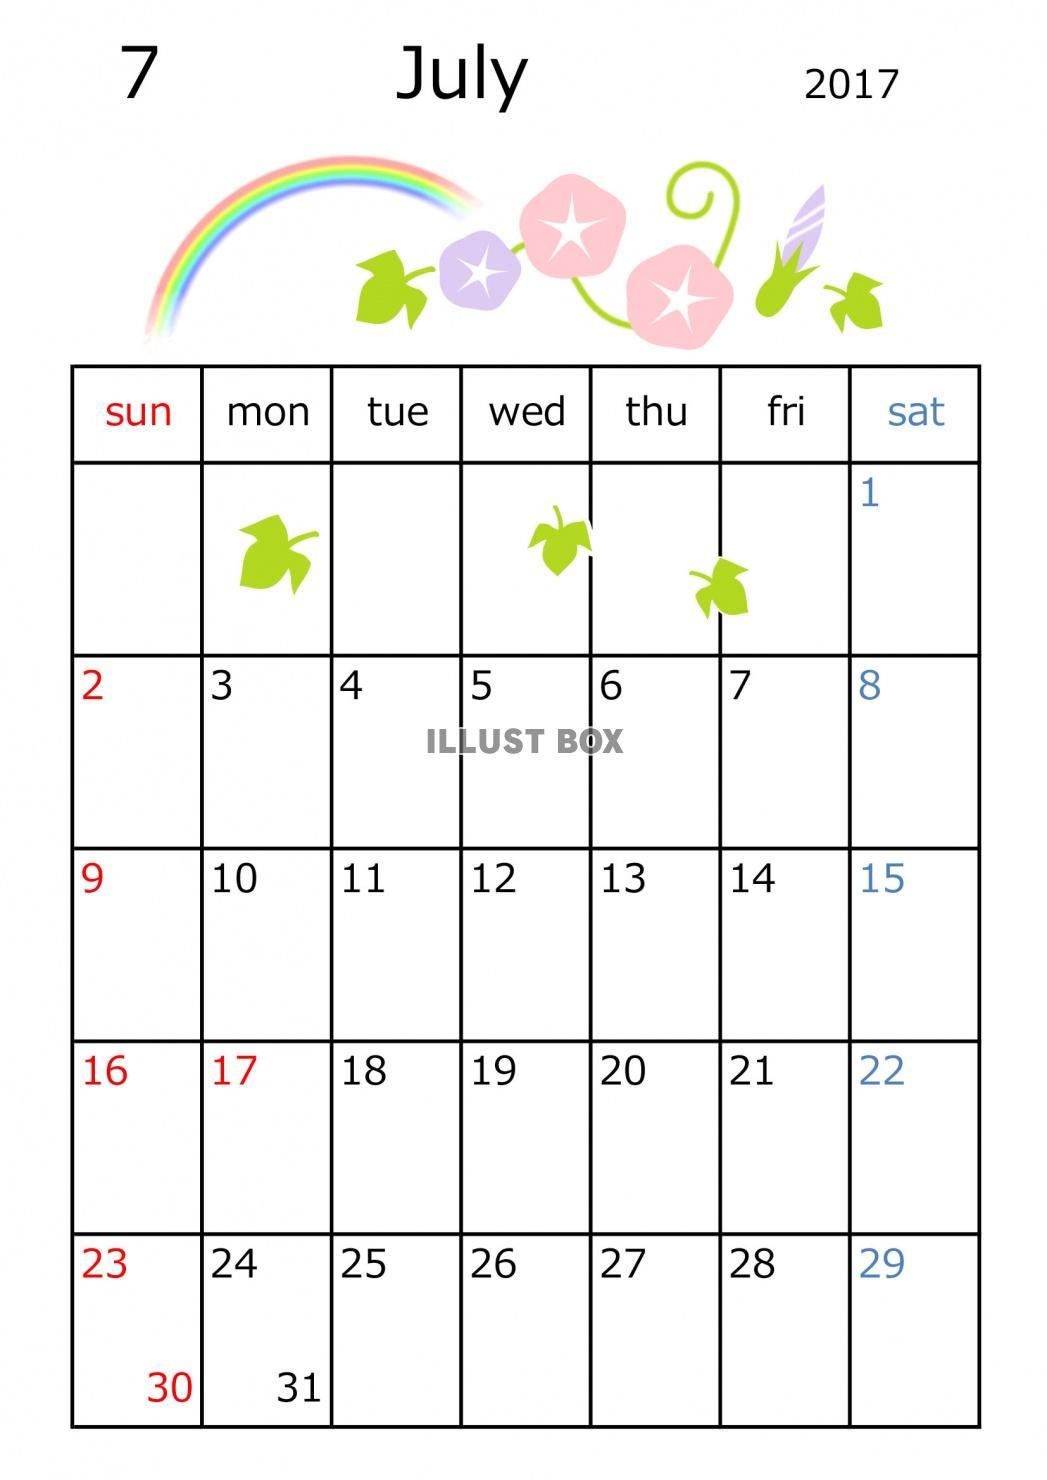 ほとんどのダウンロード 3 月 カレンダー イラスト イラスト素材から探す Davidurra